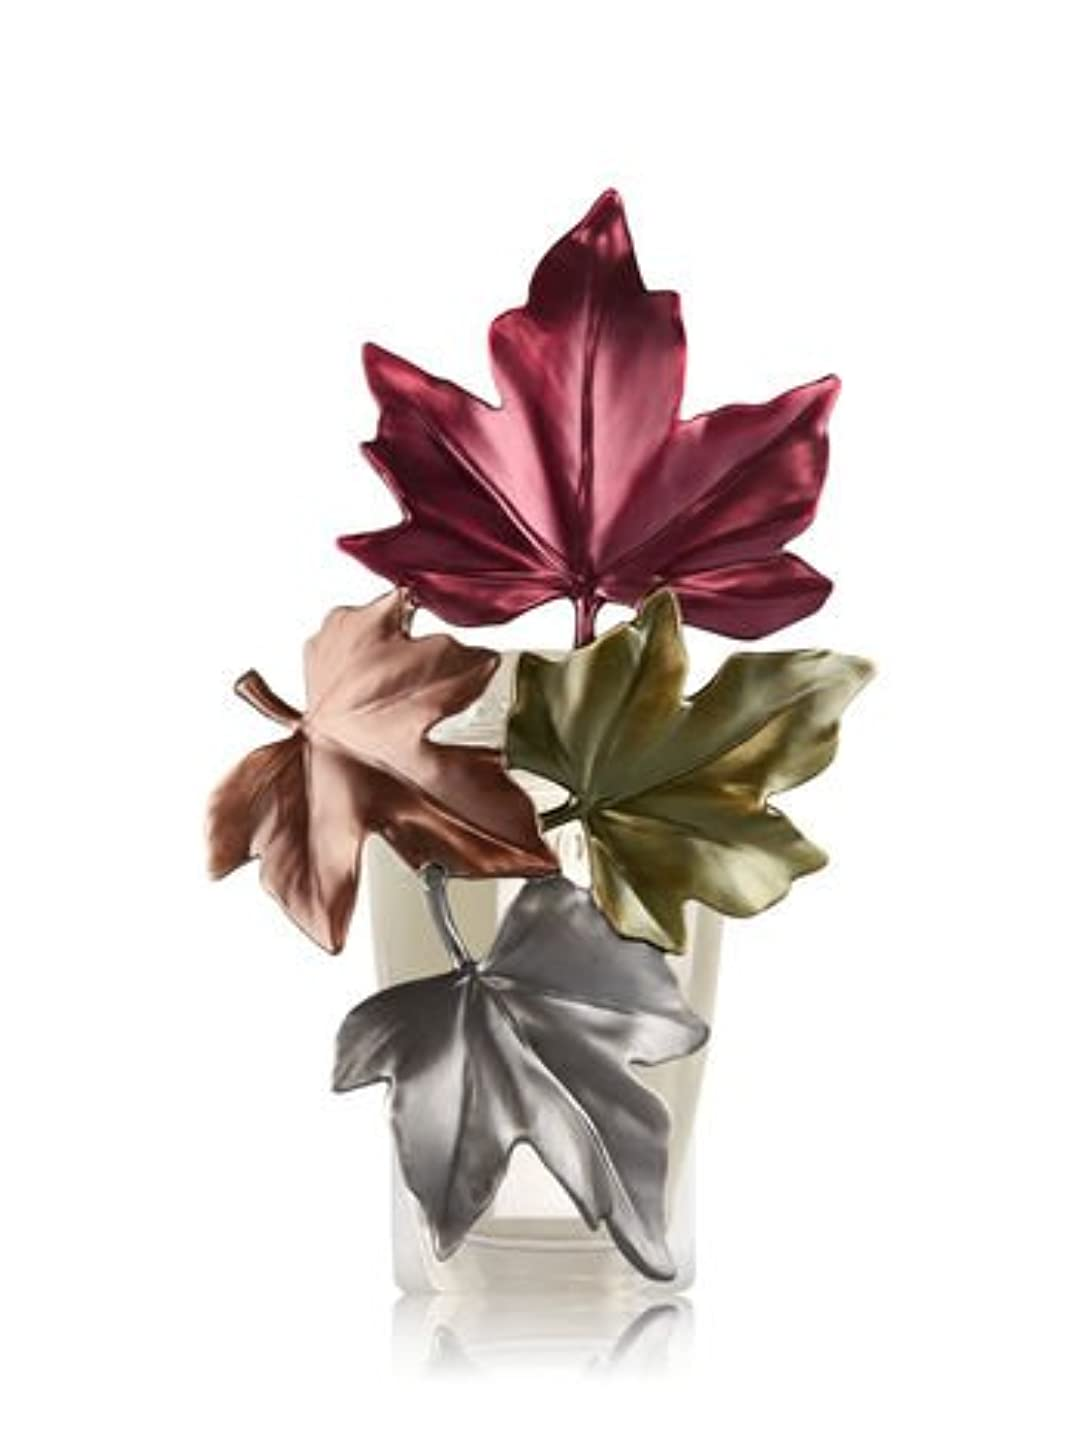 出席する宿メリー【Bath&Body Works/バス&ボディワークス】 ルームフレグランス プラグインスターター (本体のみ) ラージフォールリーブスナイトライト Wallflowers Fragrance Large Fall Leaves Night Light [並行輸入品]